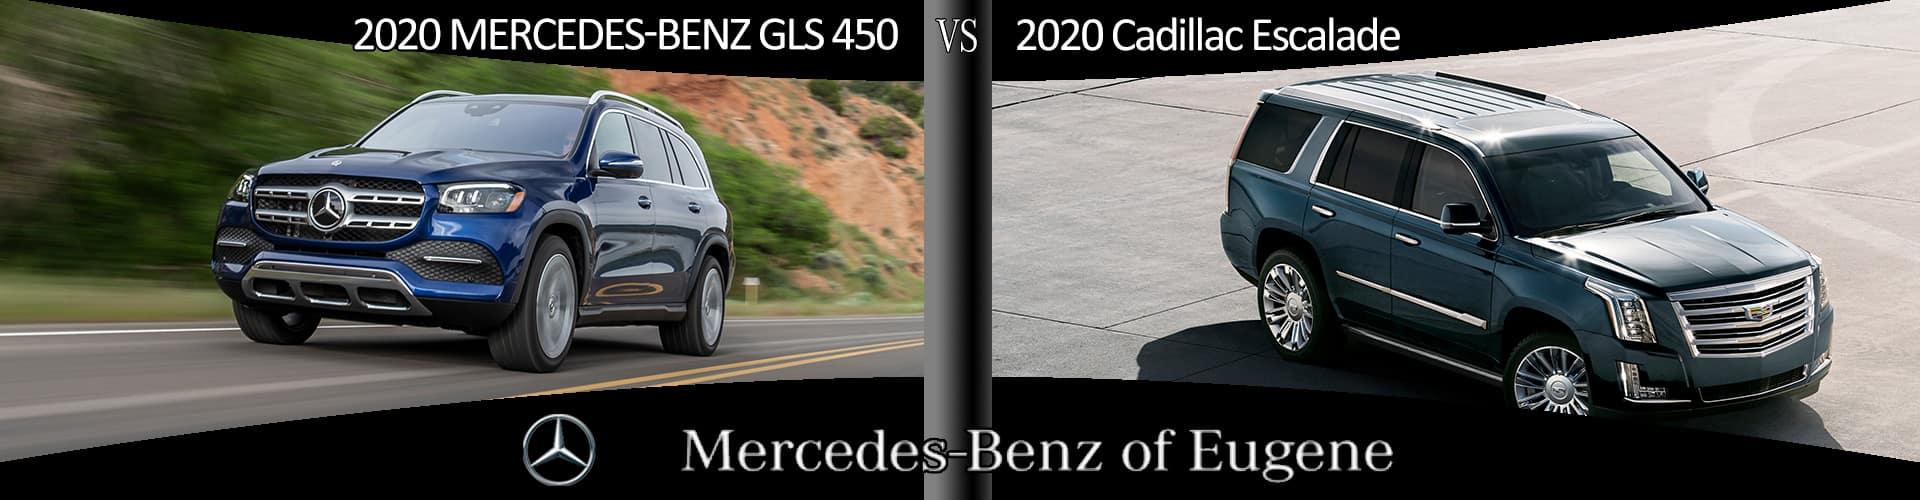 Mercedes-Benz GLS vs Cadillac Escalade